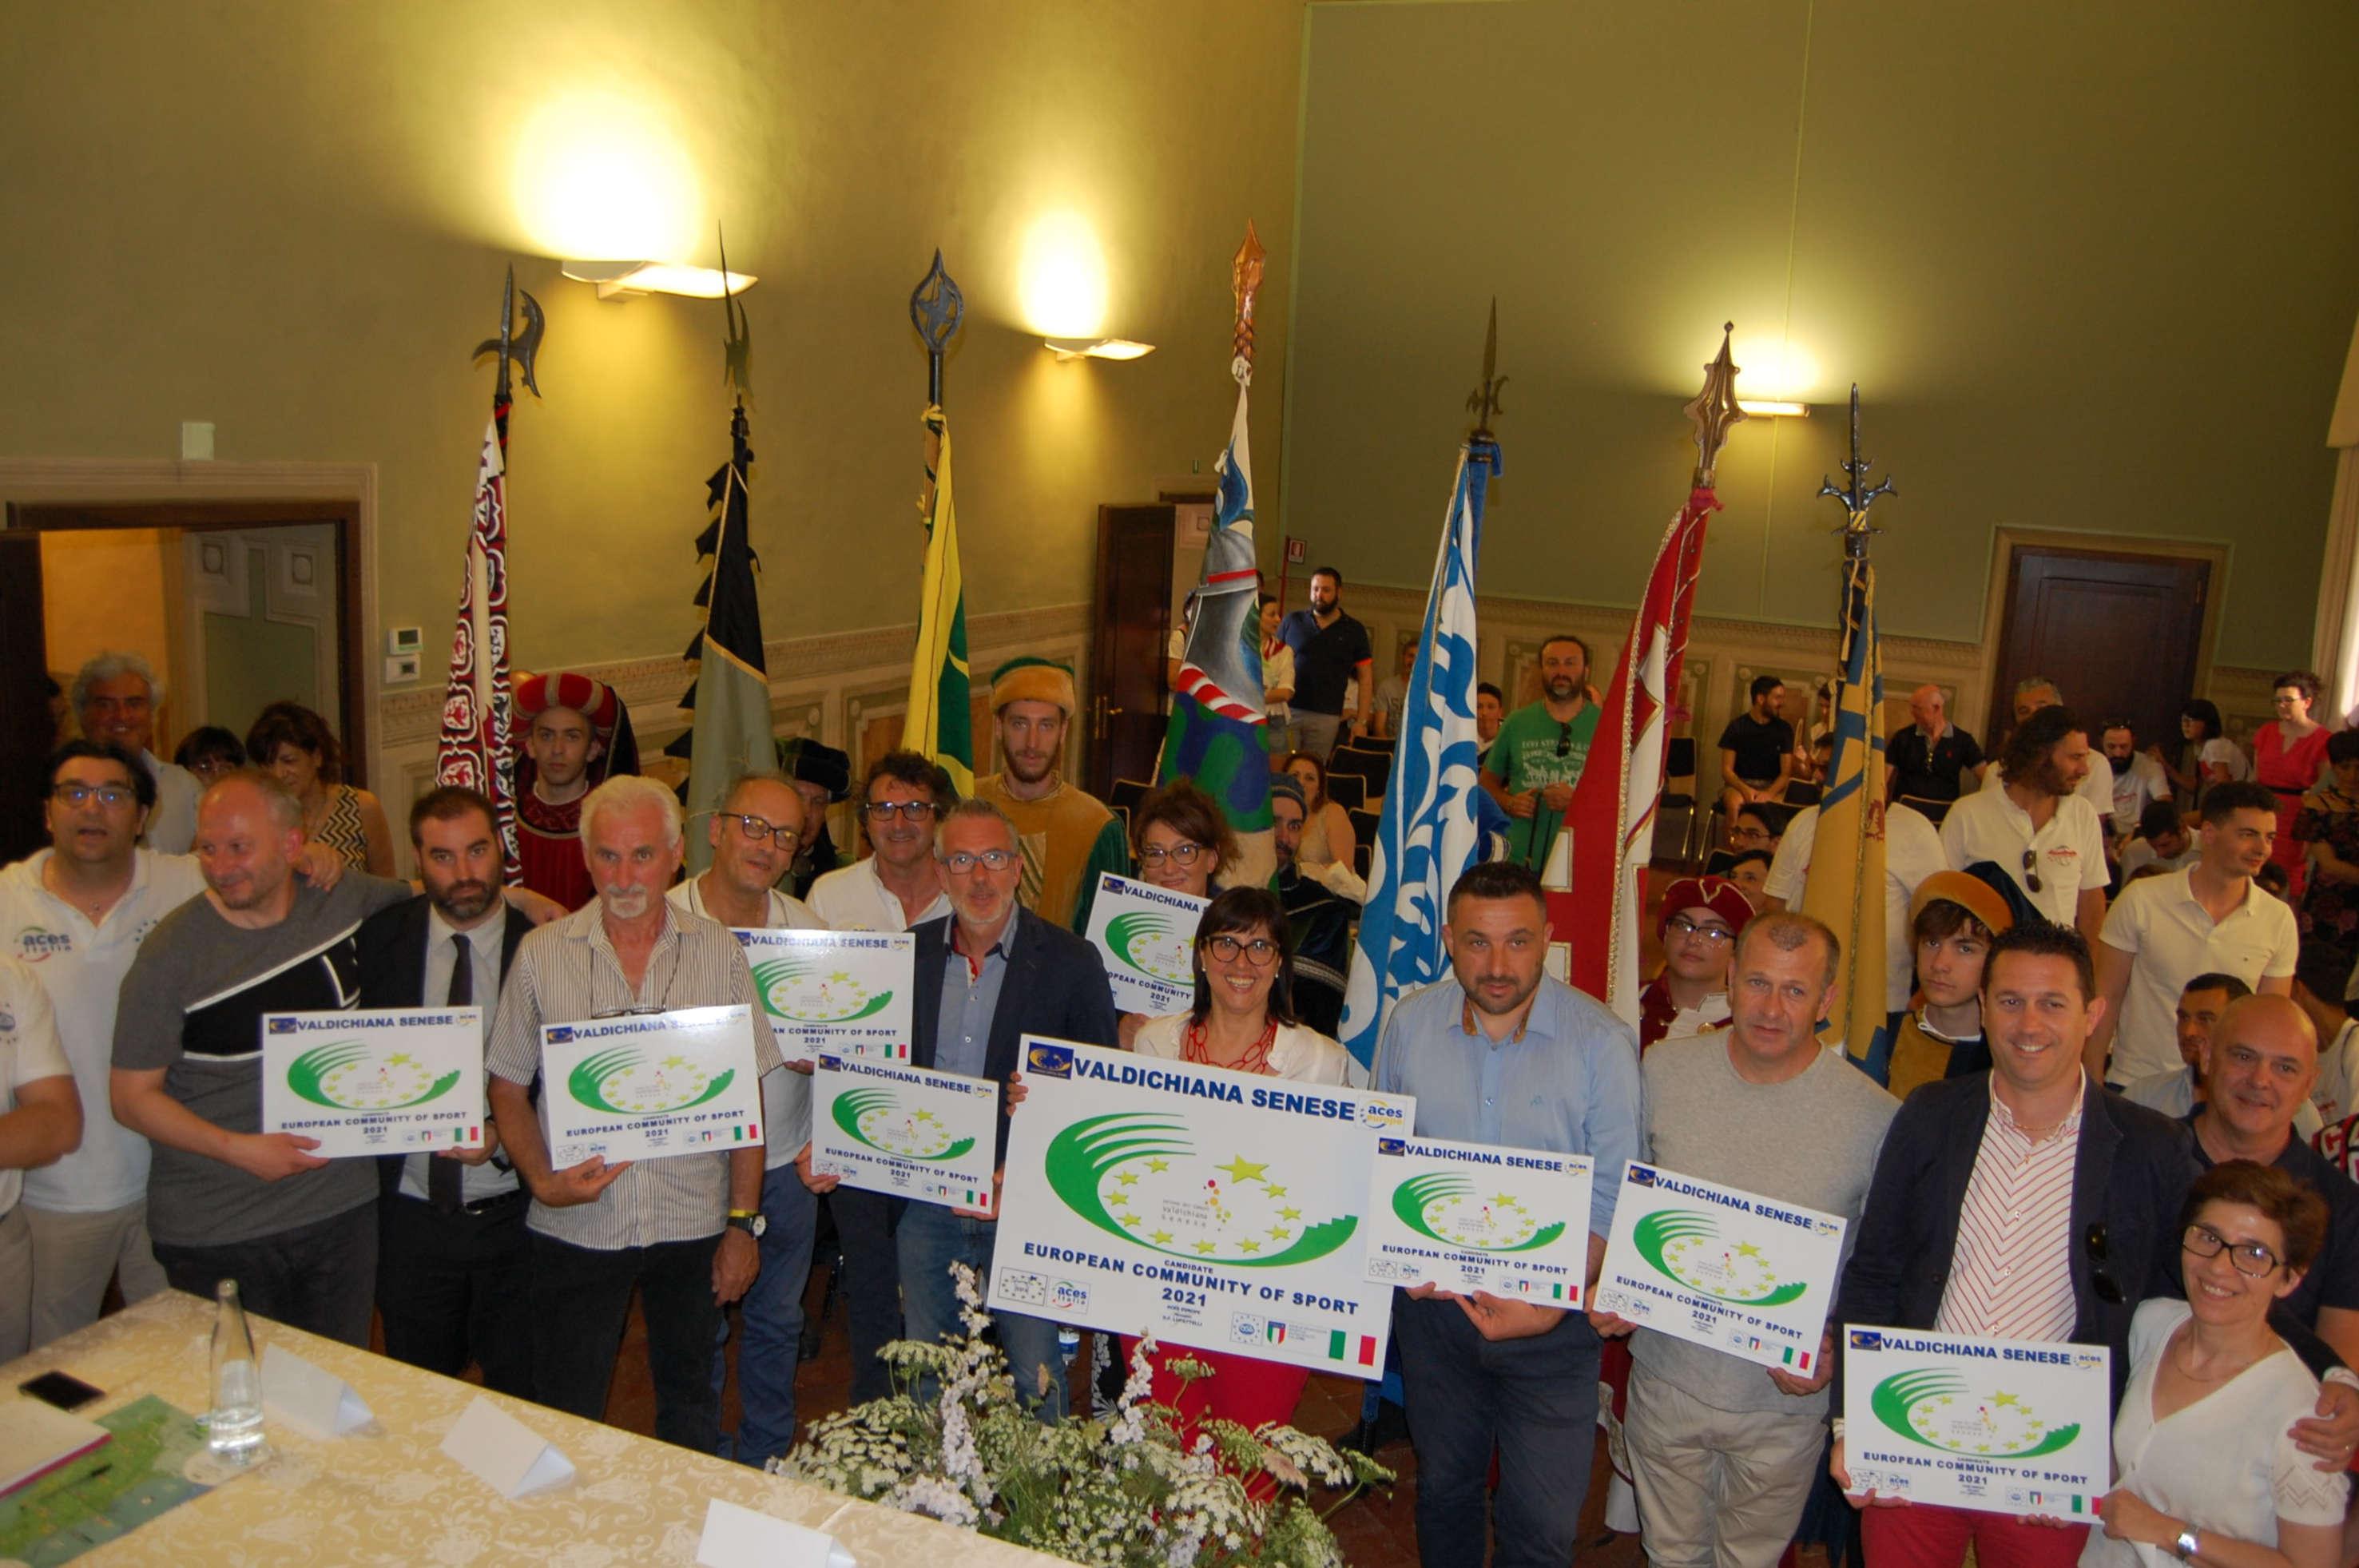 La Valdichiana Senese designata Comunità Europea dello Sport 2021